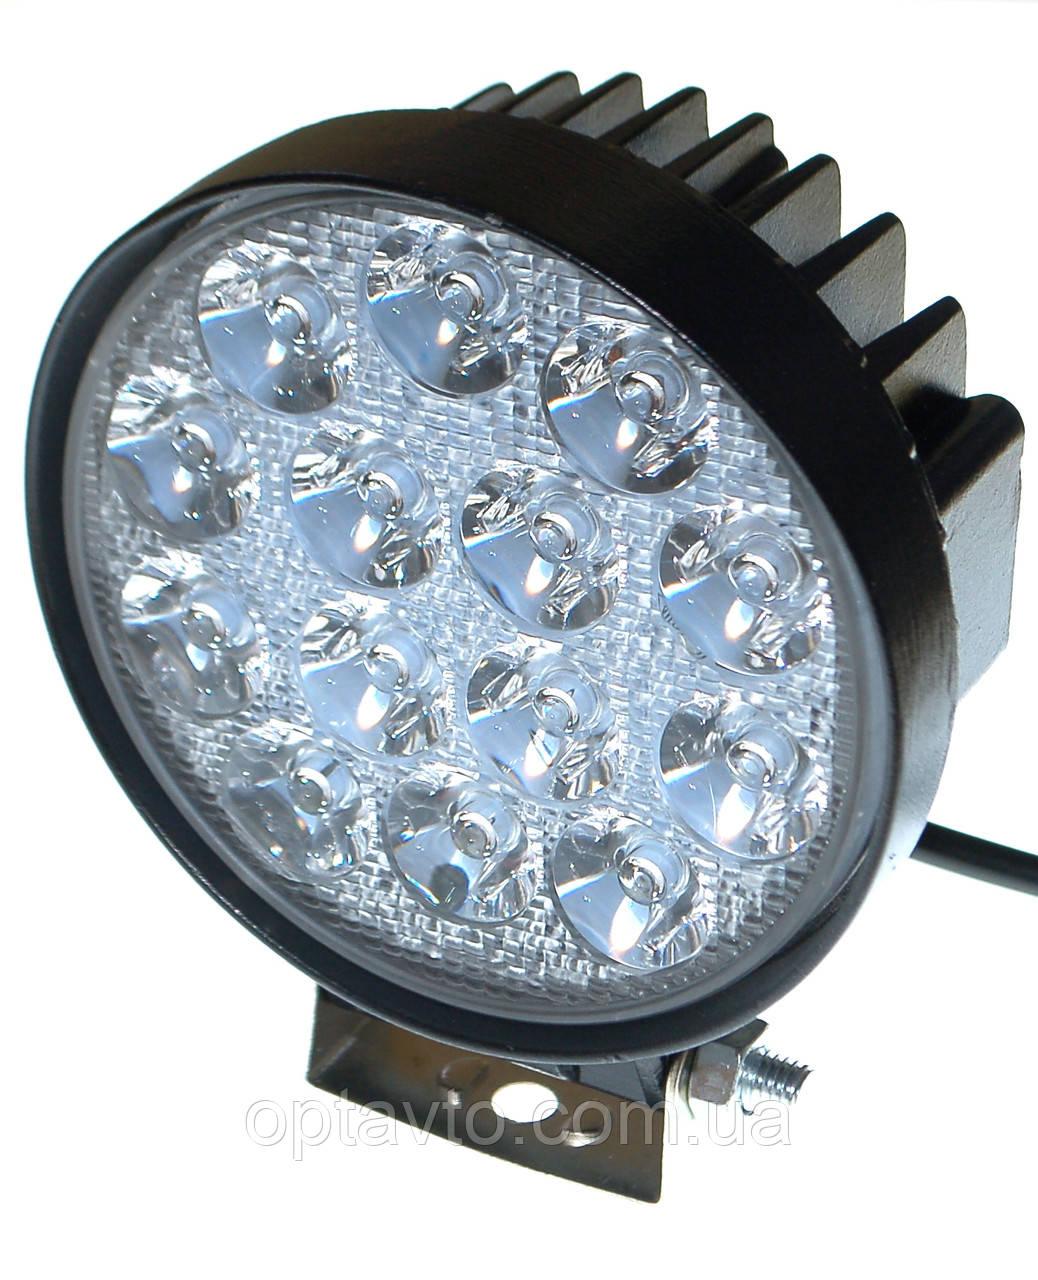 Светодиодная фара 42W. LED (лэд) фара 12В и 24В. Корпус МЕТАЛЛ. Диоды EPISTAR, OSRAM, CREE.